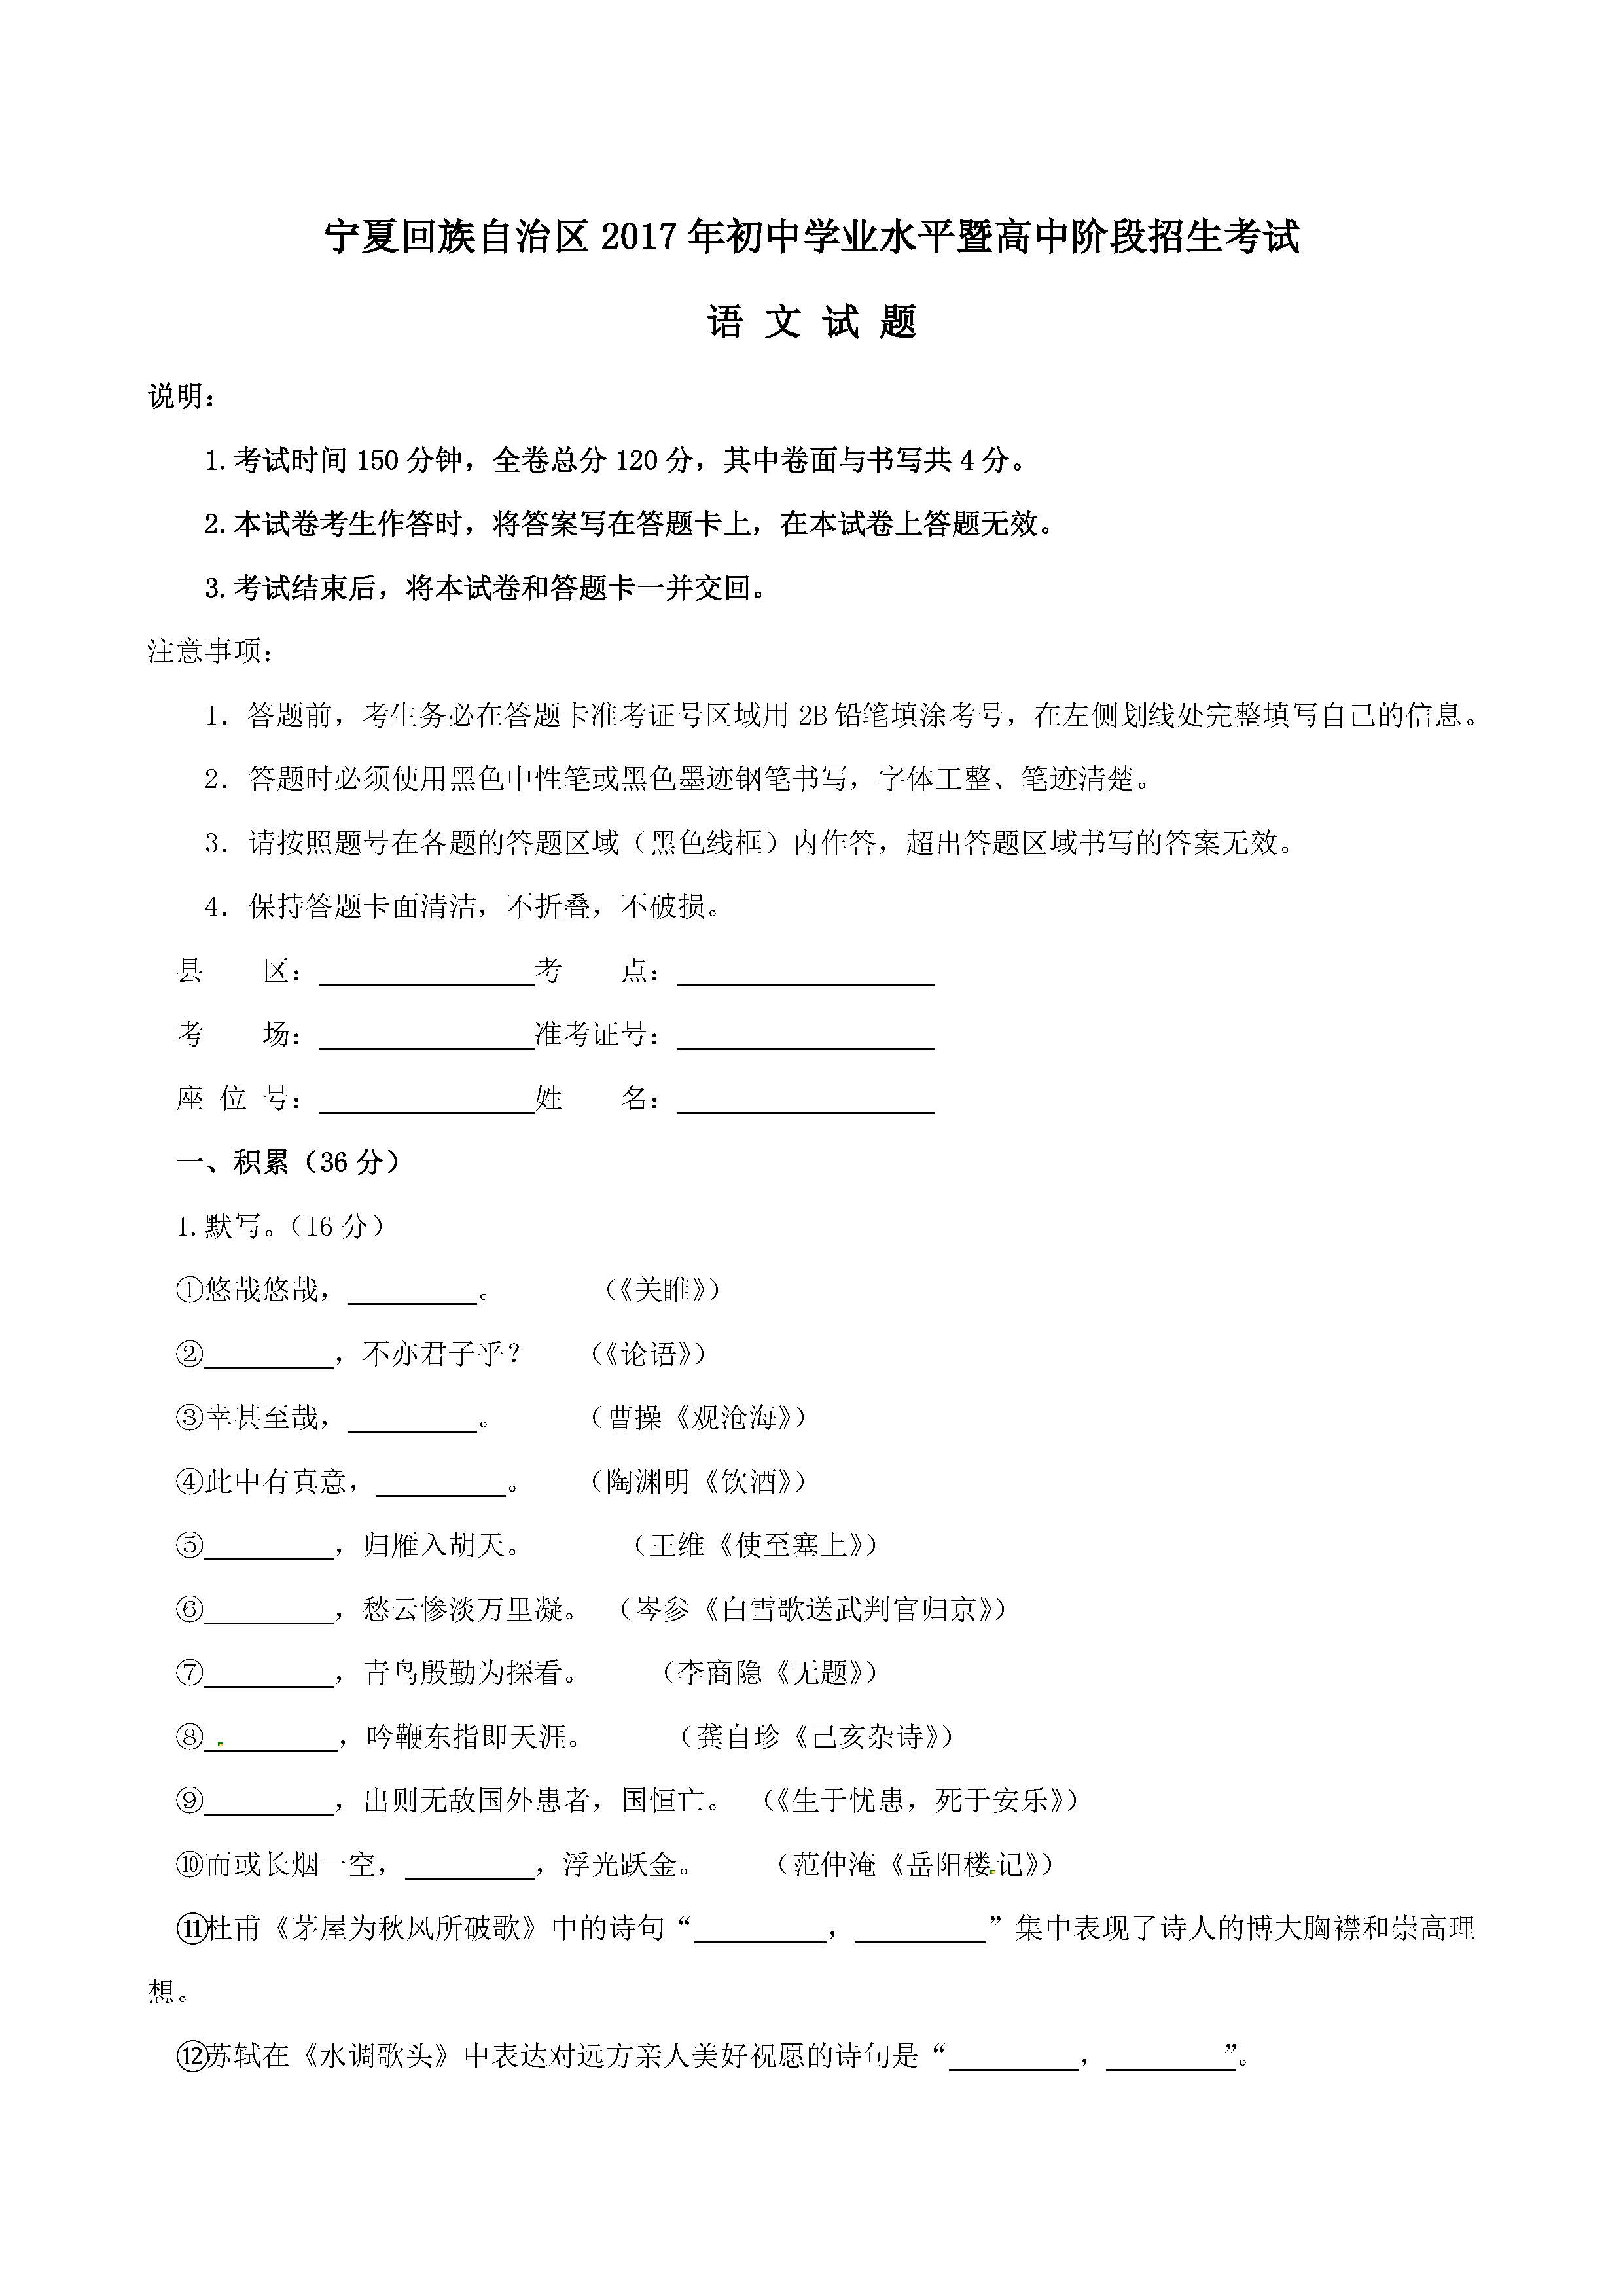 2017宁夏中考语文试题及答案解析(图片版含答案)